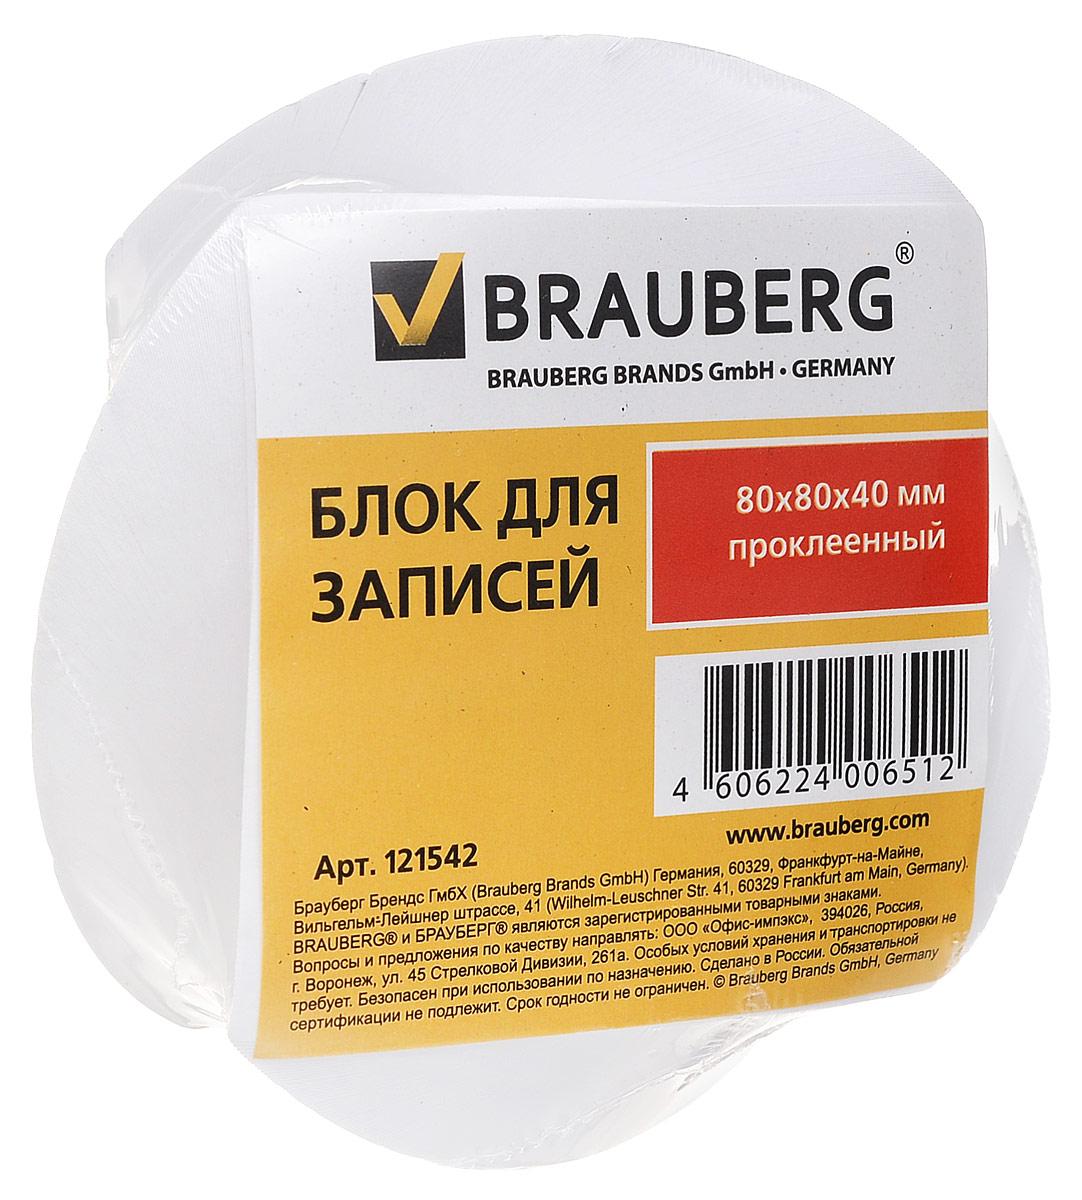 Brauberg Бумага для заметок 8 х 8 см 400 листов спиральHN76102GБумага для заметок Brauberg непременно привлечет к себе внимание.Бумага состоит из четырехсот белых листочков, которые удобны для заметок, объявлений и других коротких сообщений. Листочки легко приклеиваются к любой поверхности, будь то бумага, корпус монитора или дверь. Также они не оставляют следов после отклеивания.Блок бумаги выполнен в виде спирали.Идеально подходит для быстрой фиксации информации.